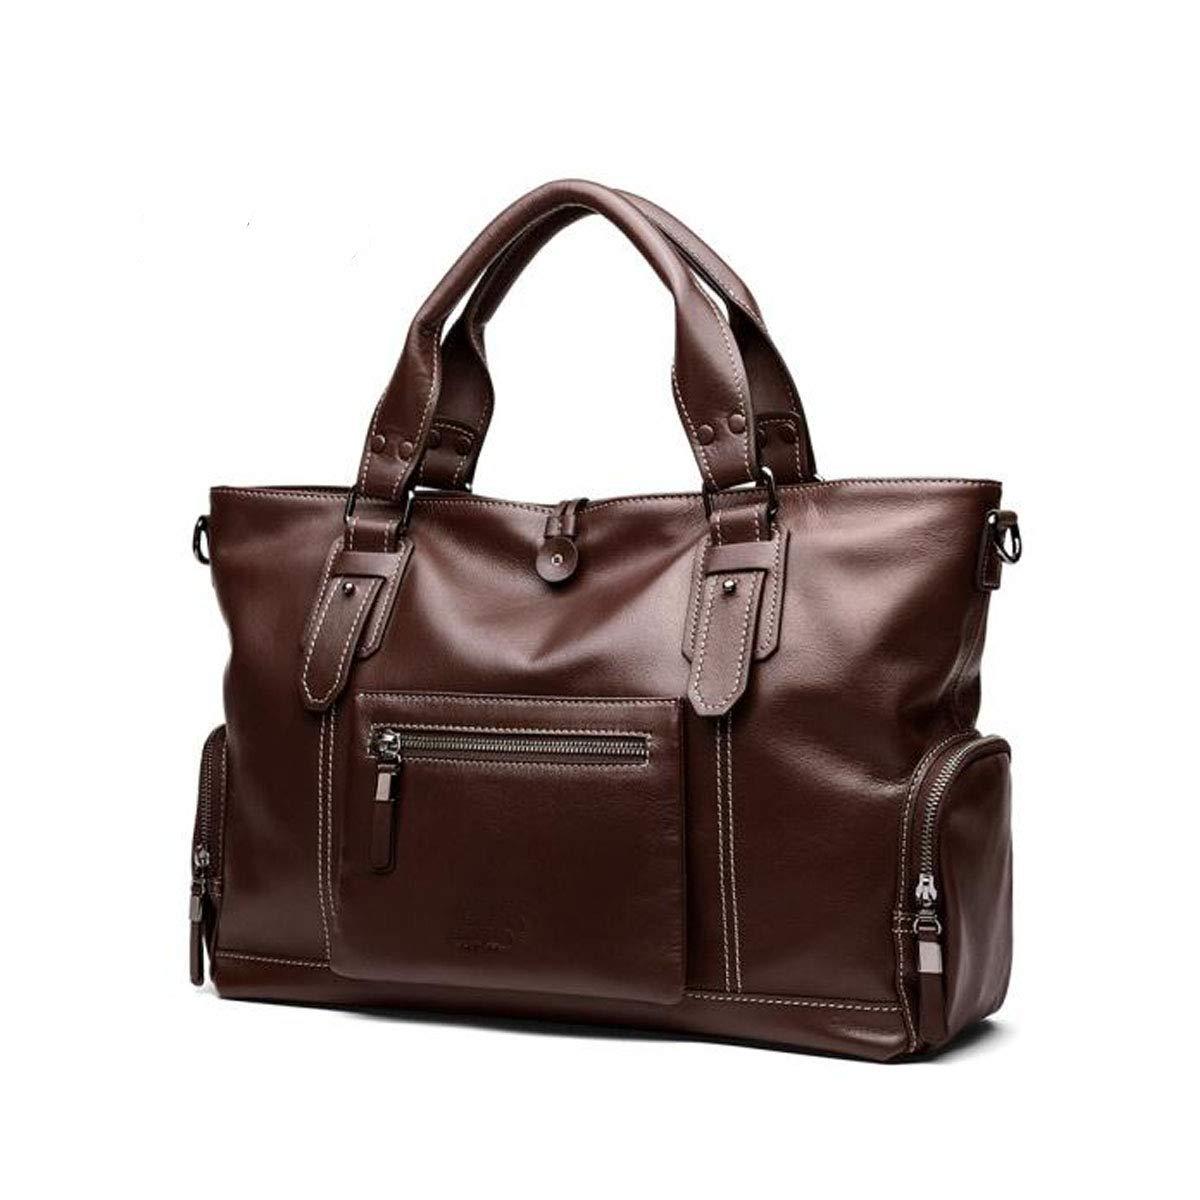 ブリーフケース、メンズビジネスクロスボディハンドバッグ、シンプルファッションメンズコンピュータバッグ、ブラウンサイズ:48 * 14 * 31 cm B07R8C9X6J ブラウン